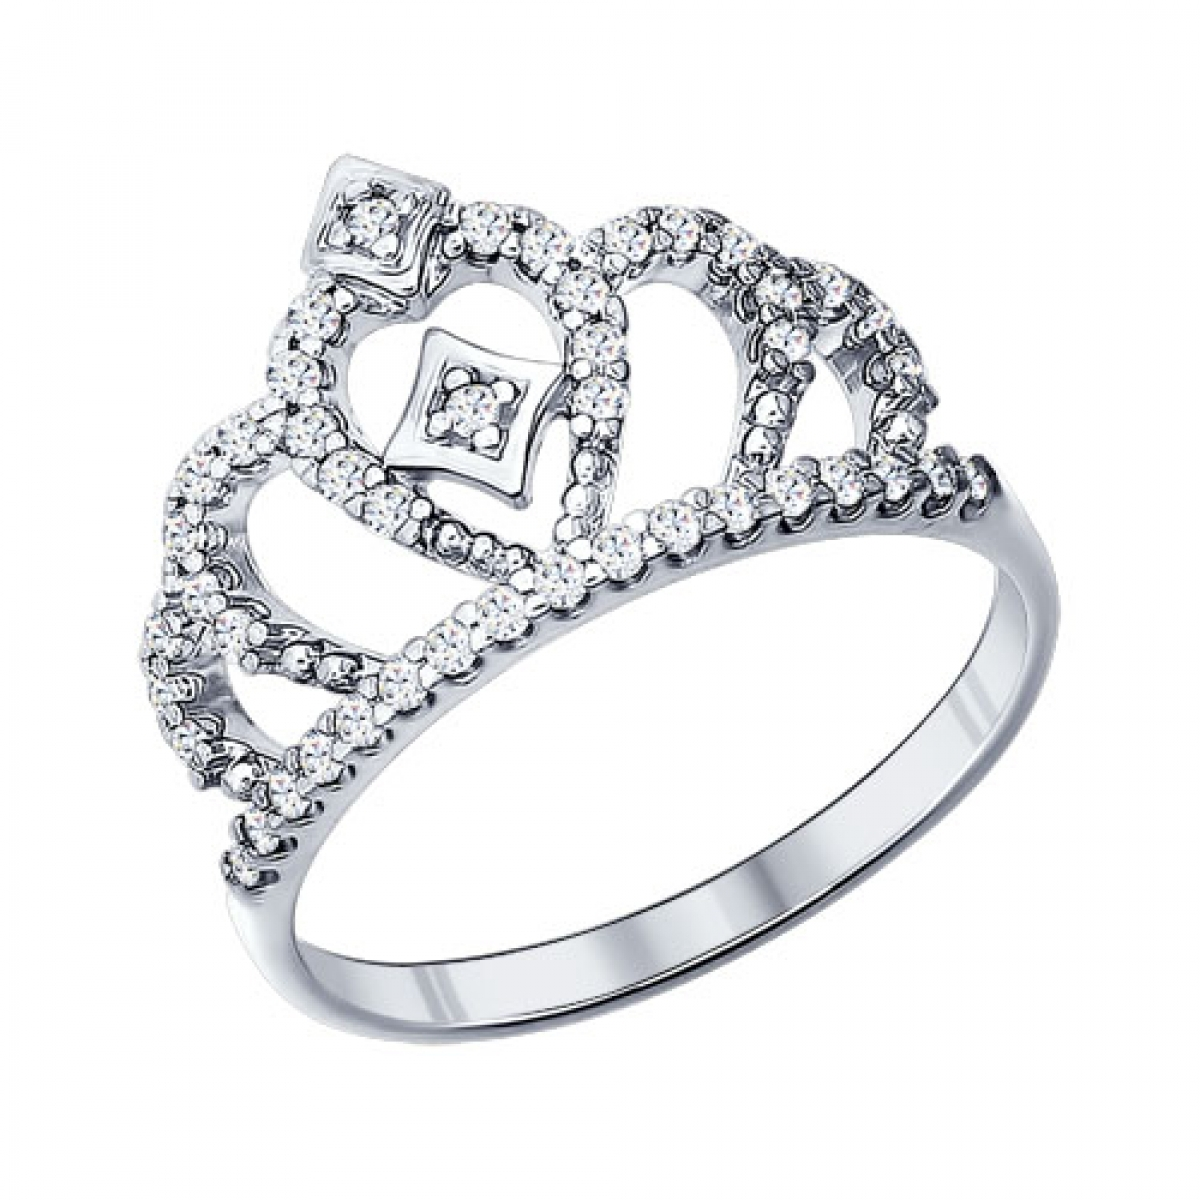 Серебряное кольцо в виде диадемы с фианитами